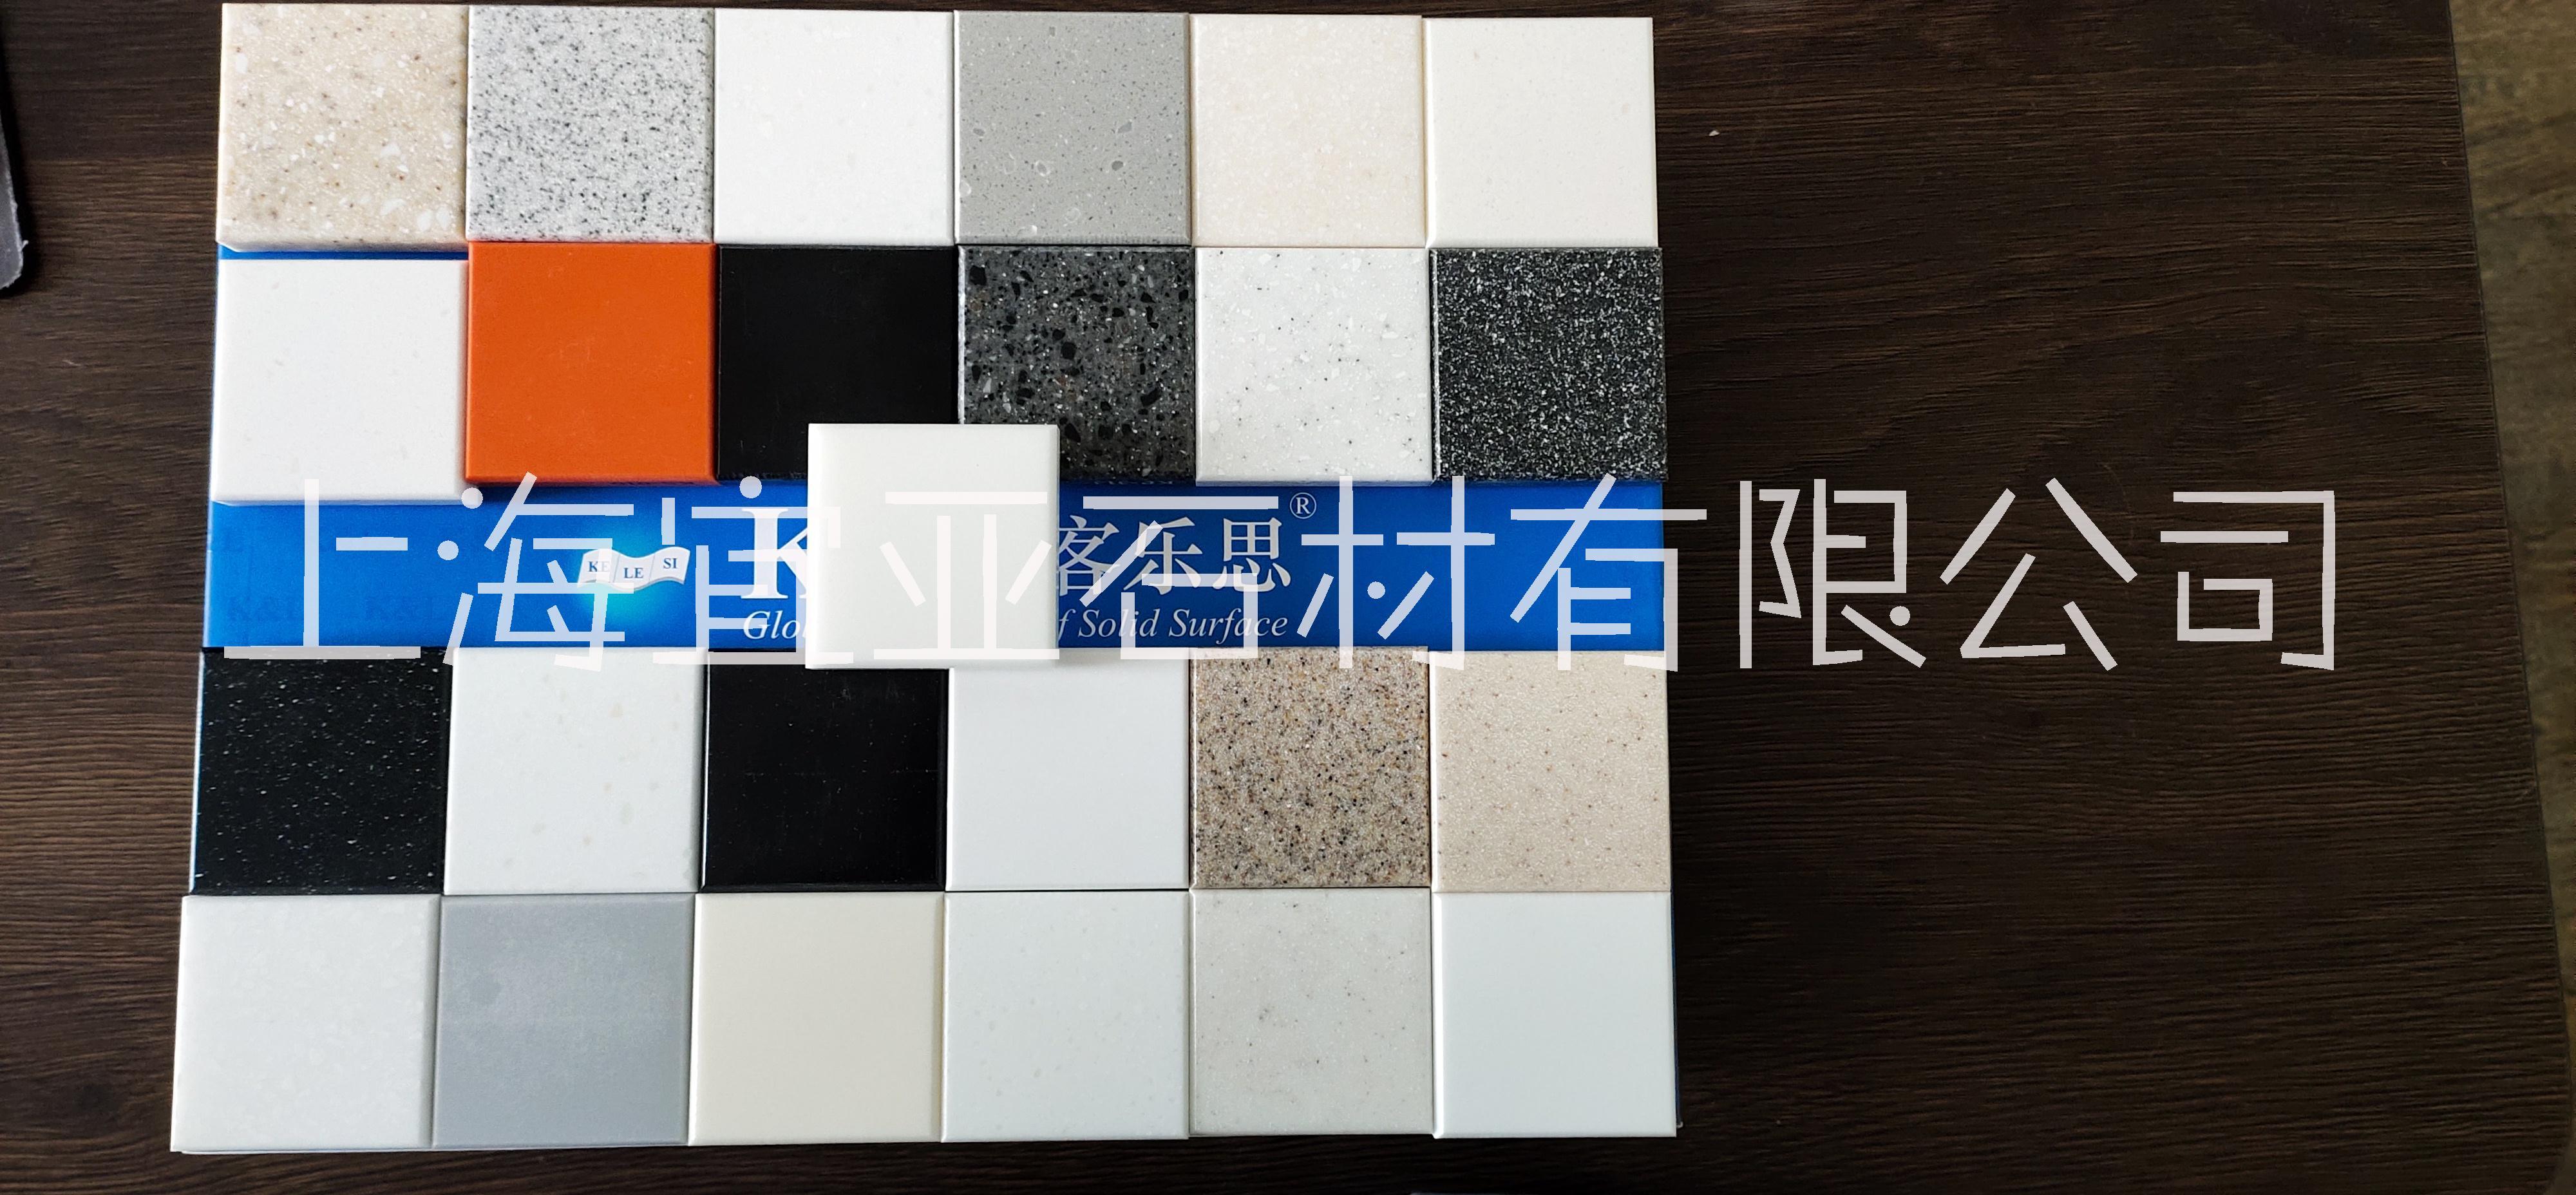 上海杜邦可丽耐纯亚克力人造石价格、批发、报价【上海宜亚石材有限公司】